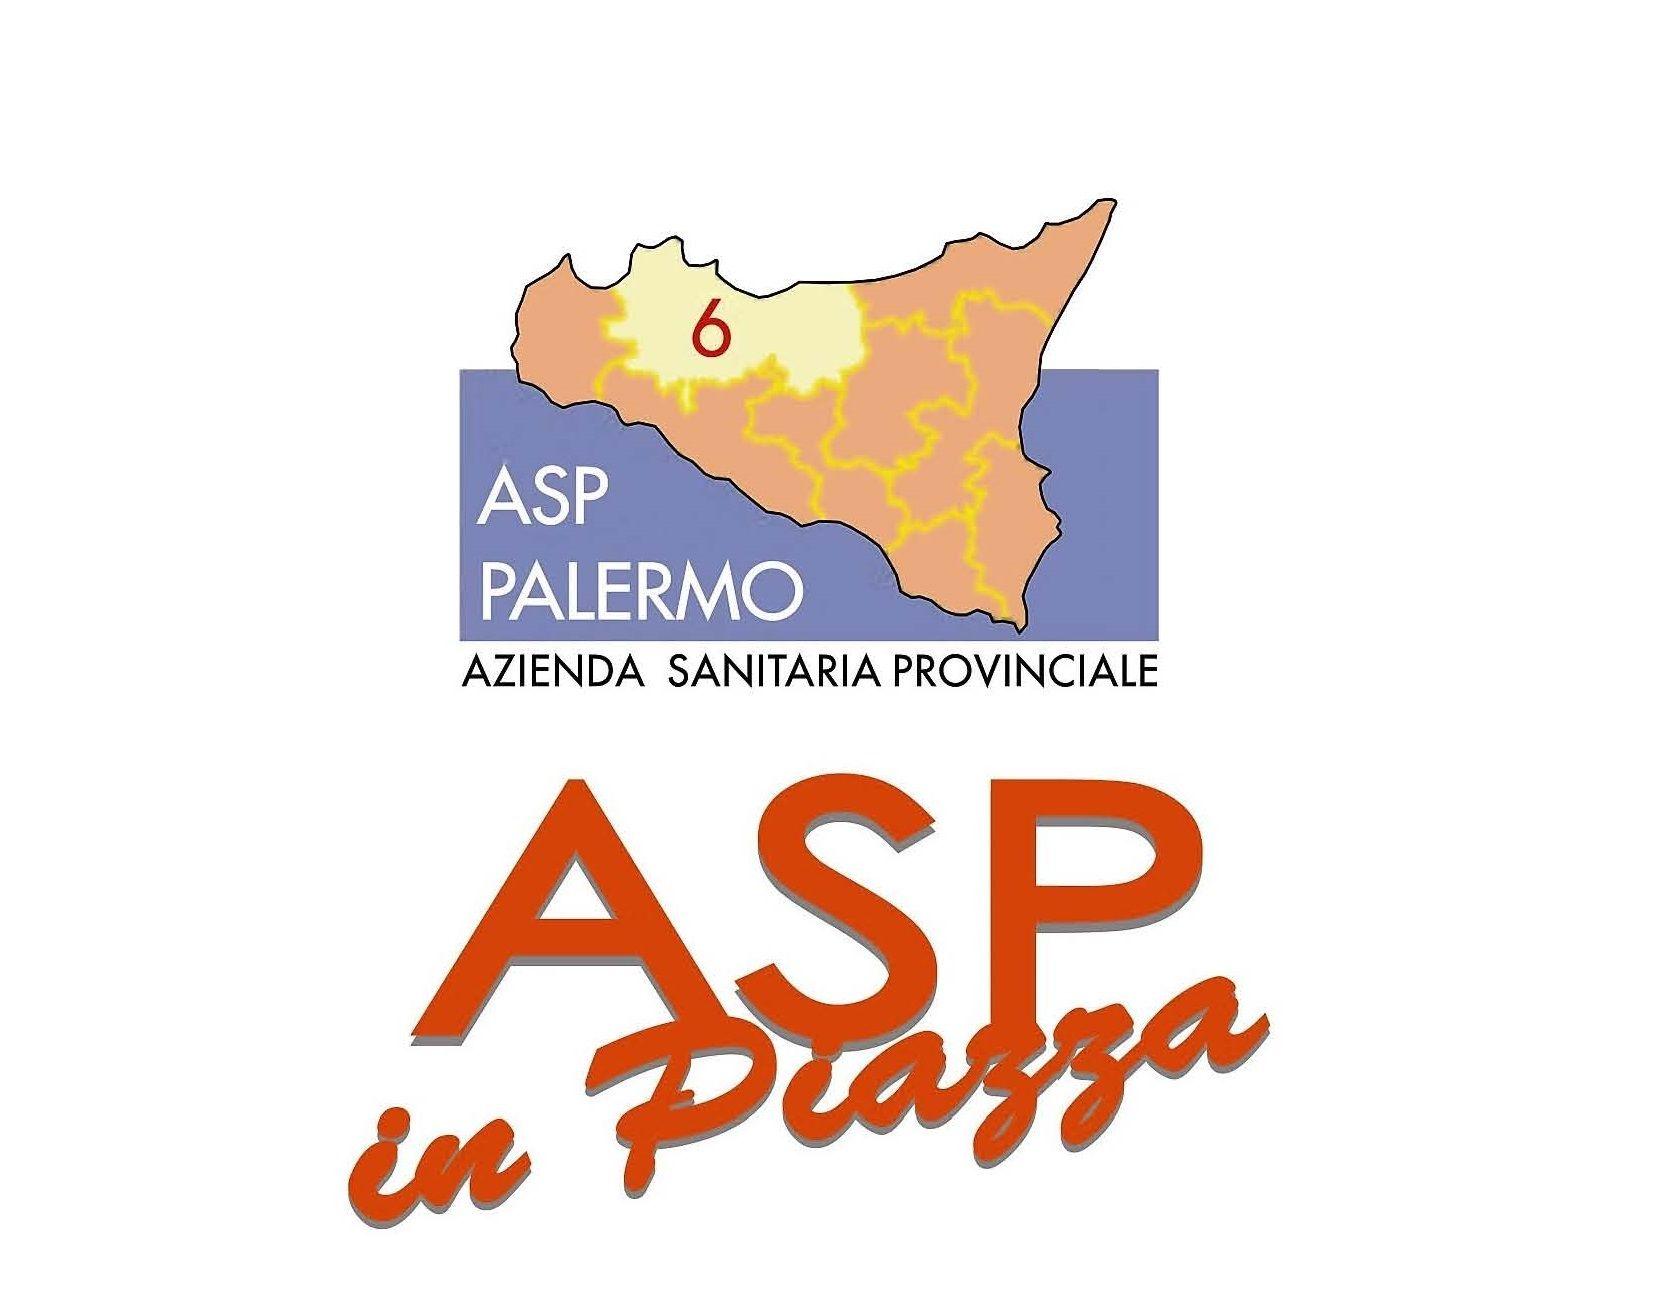 Visite gratis a Alimena: mammografia, pap-test, sof-test, screening melanoma e tumore alla tiroide con ASP in Piazza